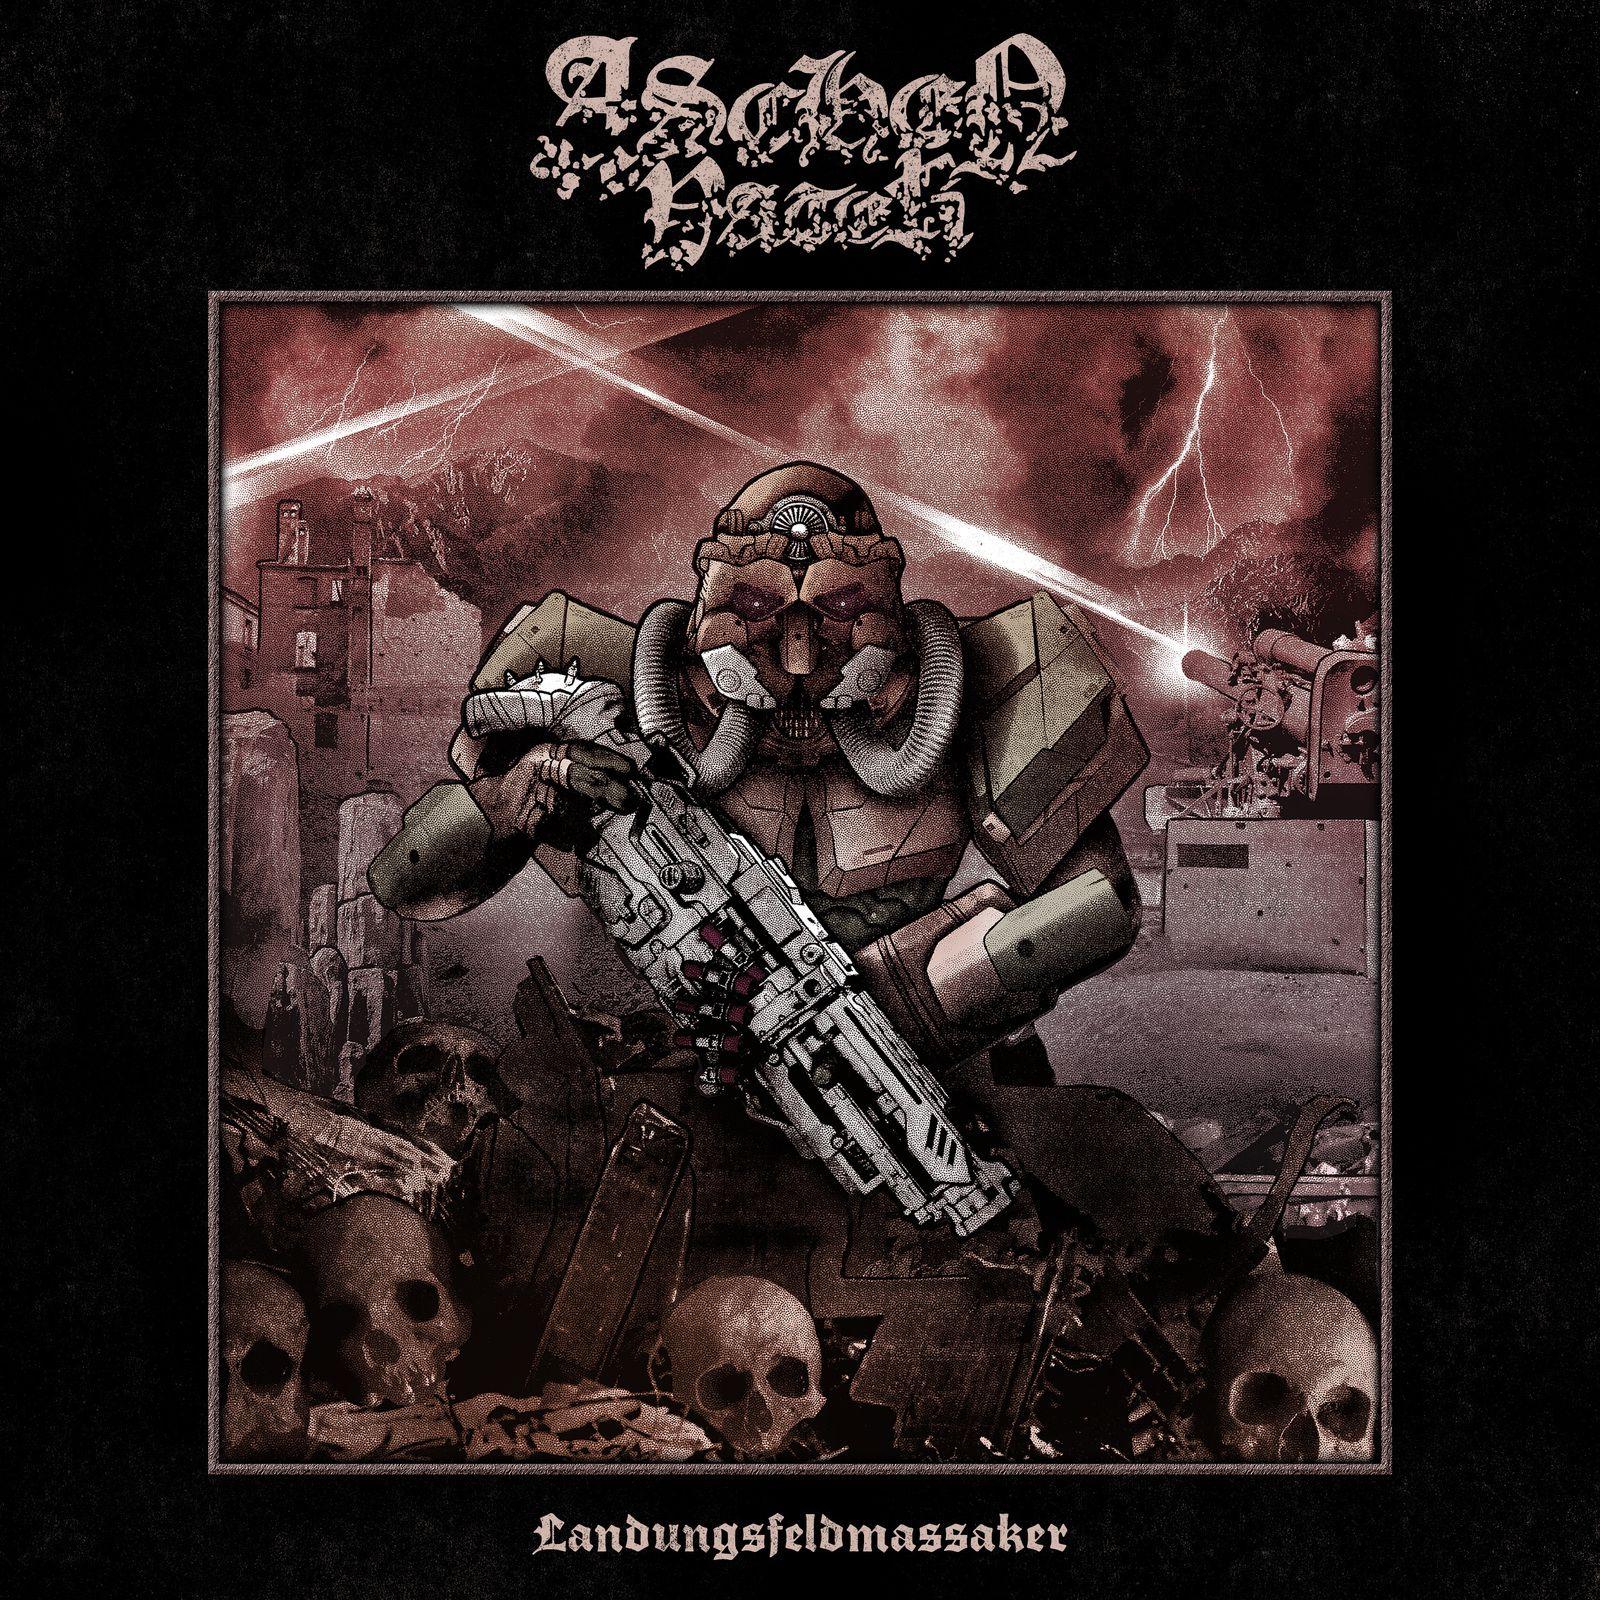 ASCHENVATER-'Landungsfeldmassaker'